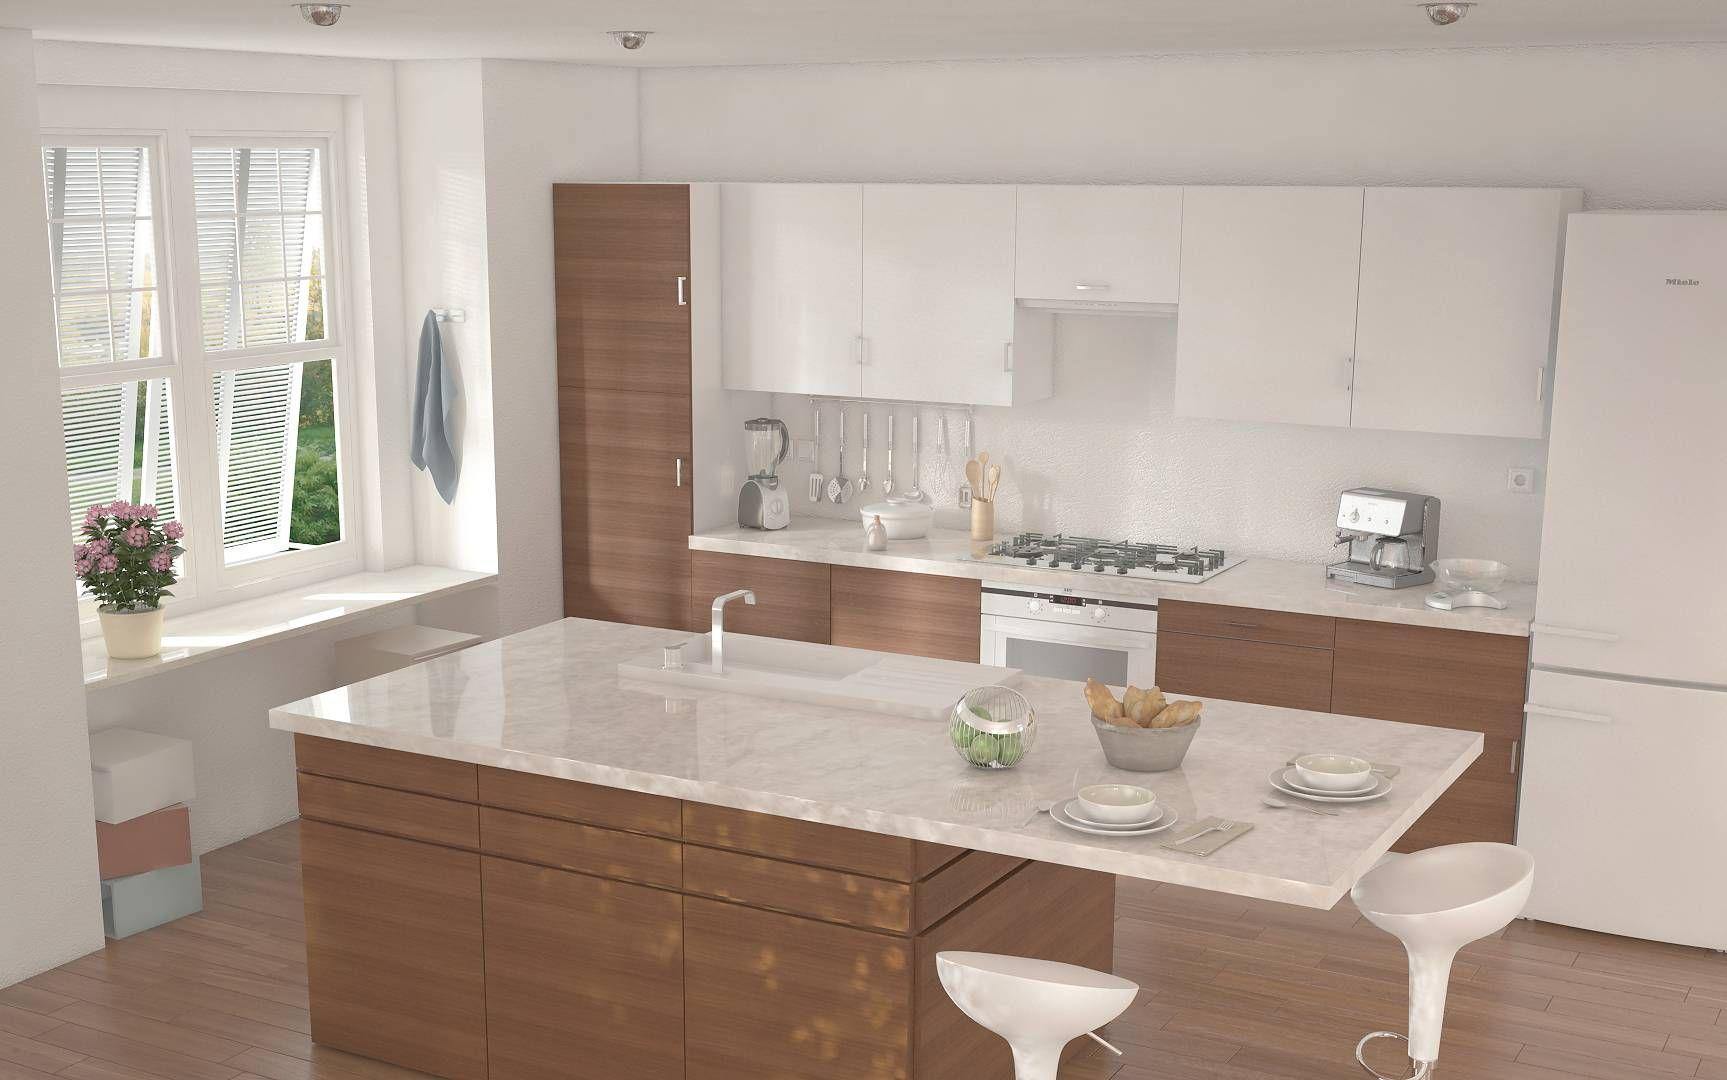 cucina con isola centrale ikea - Cerca con Google nel 2019 ...